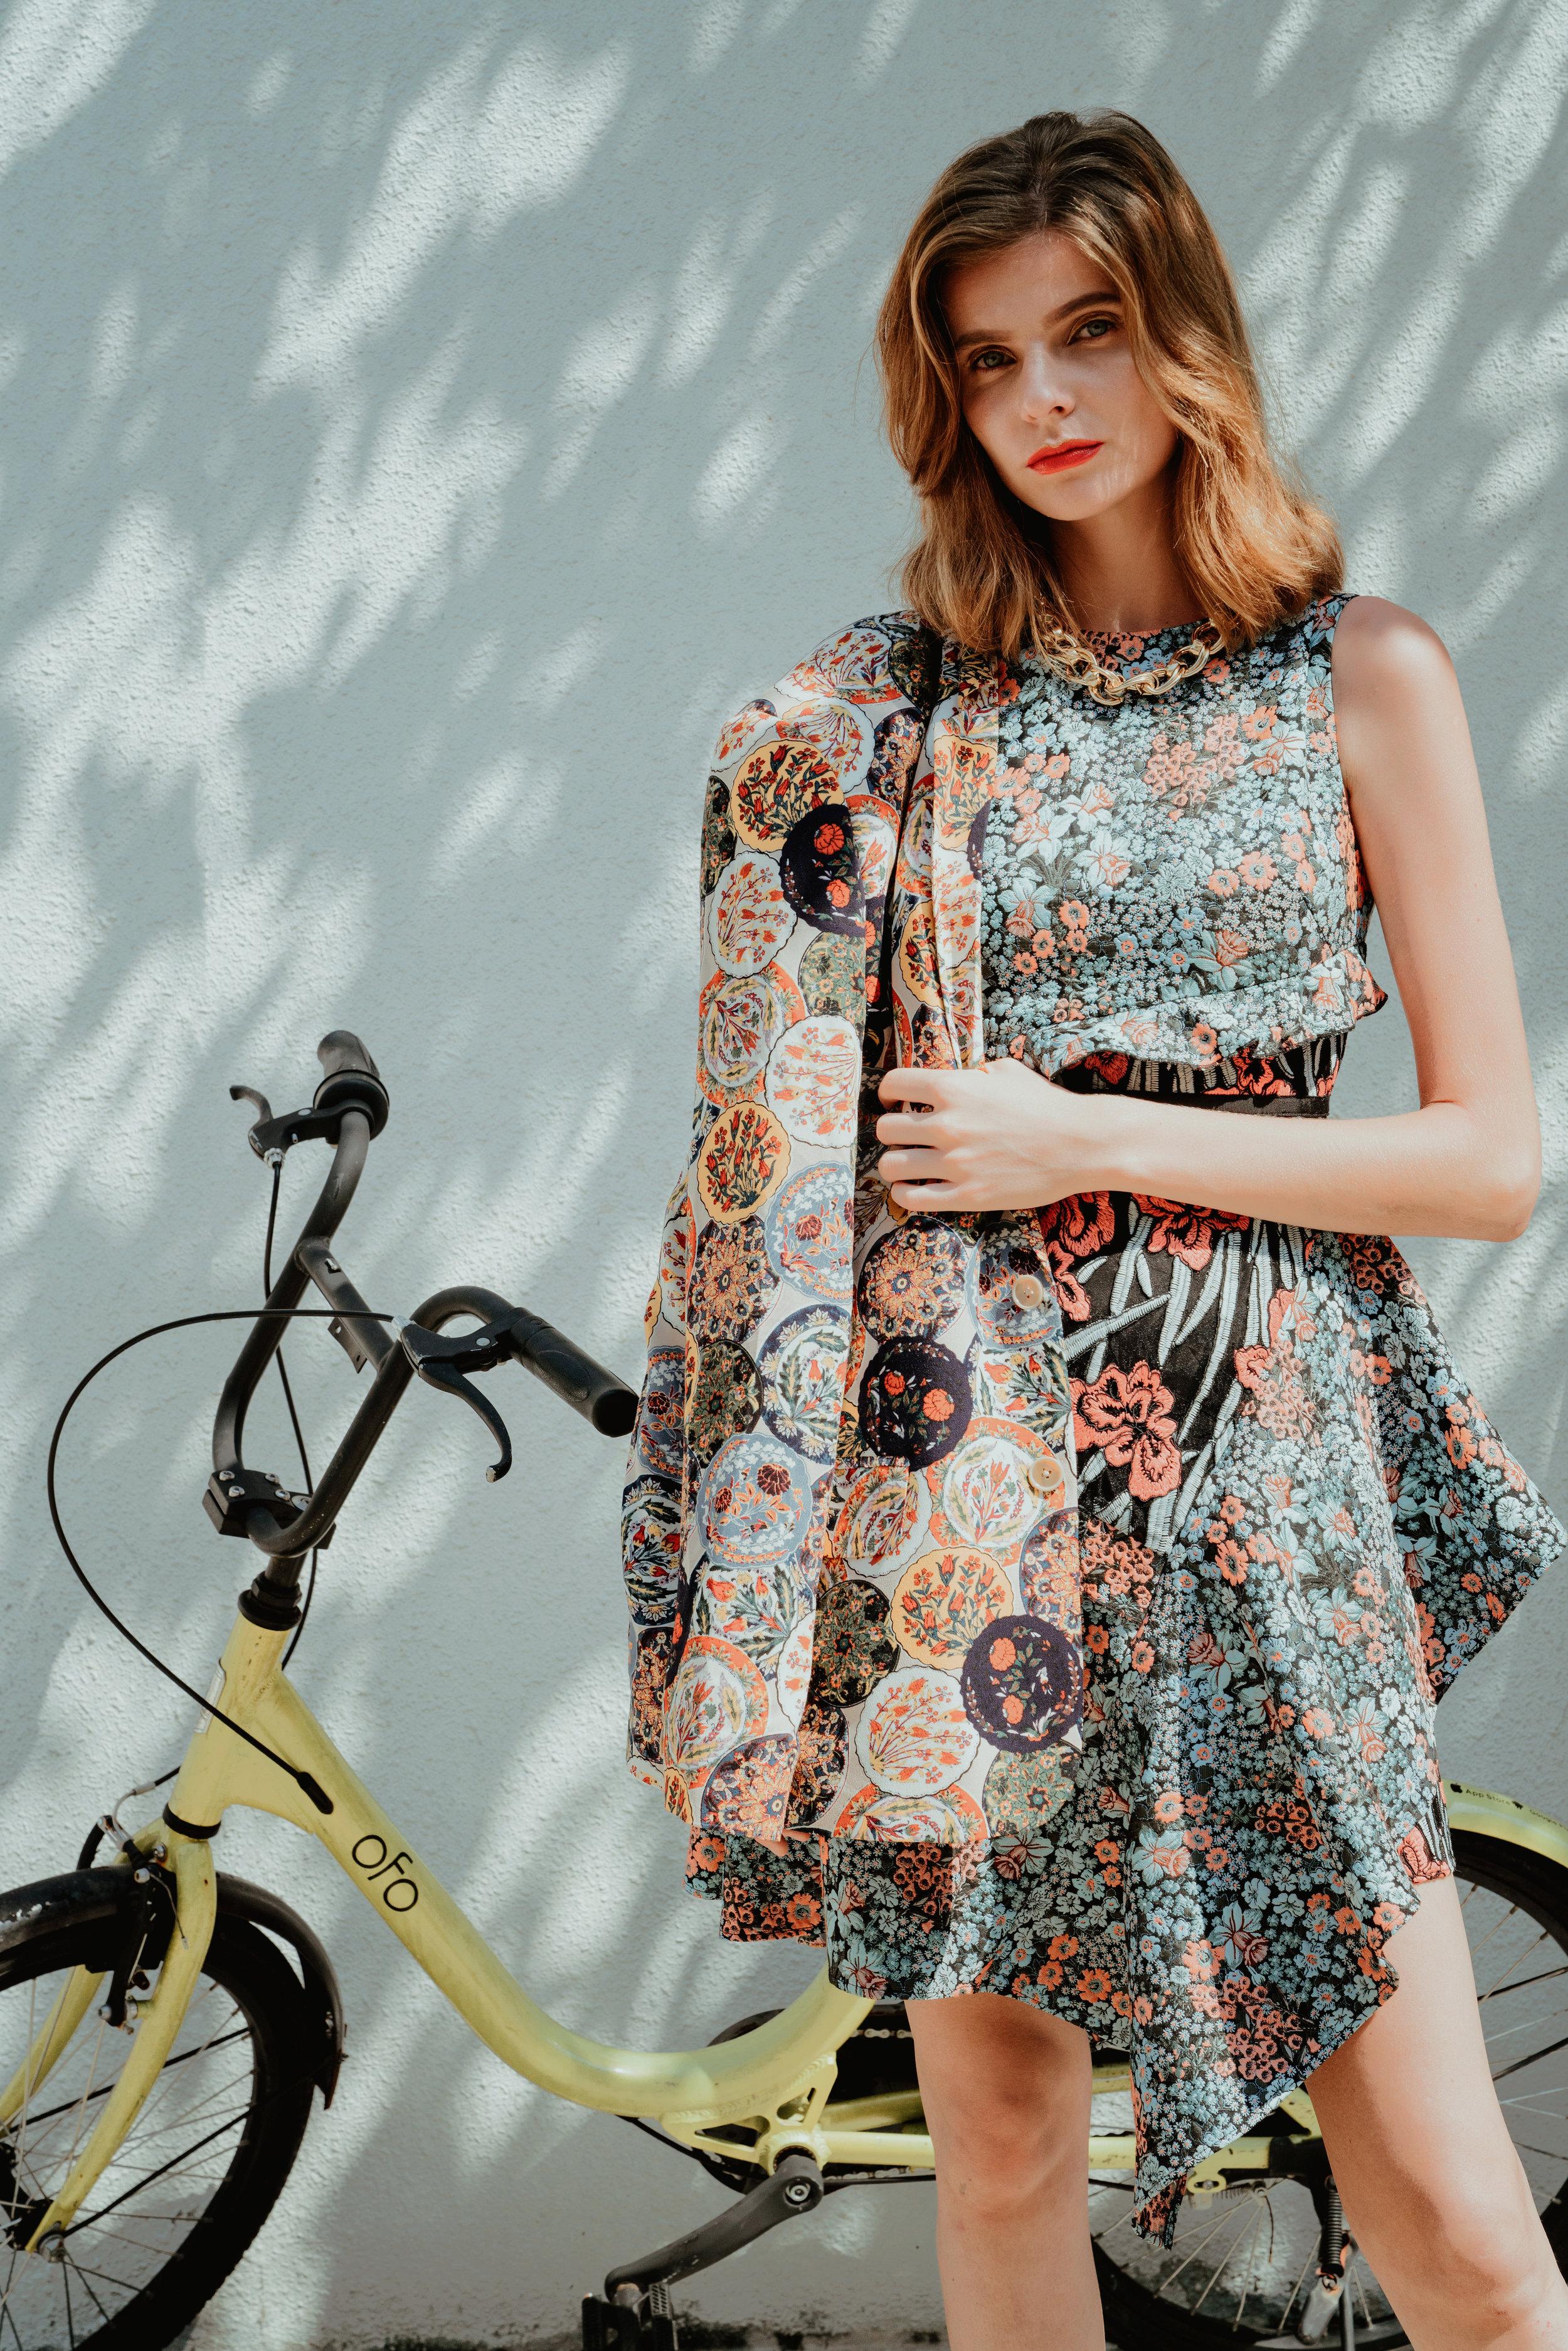 5. Fashion.jpg